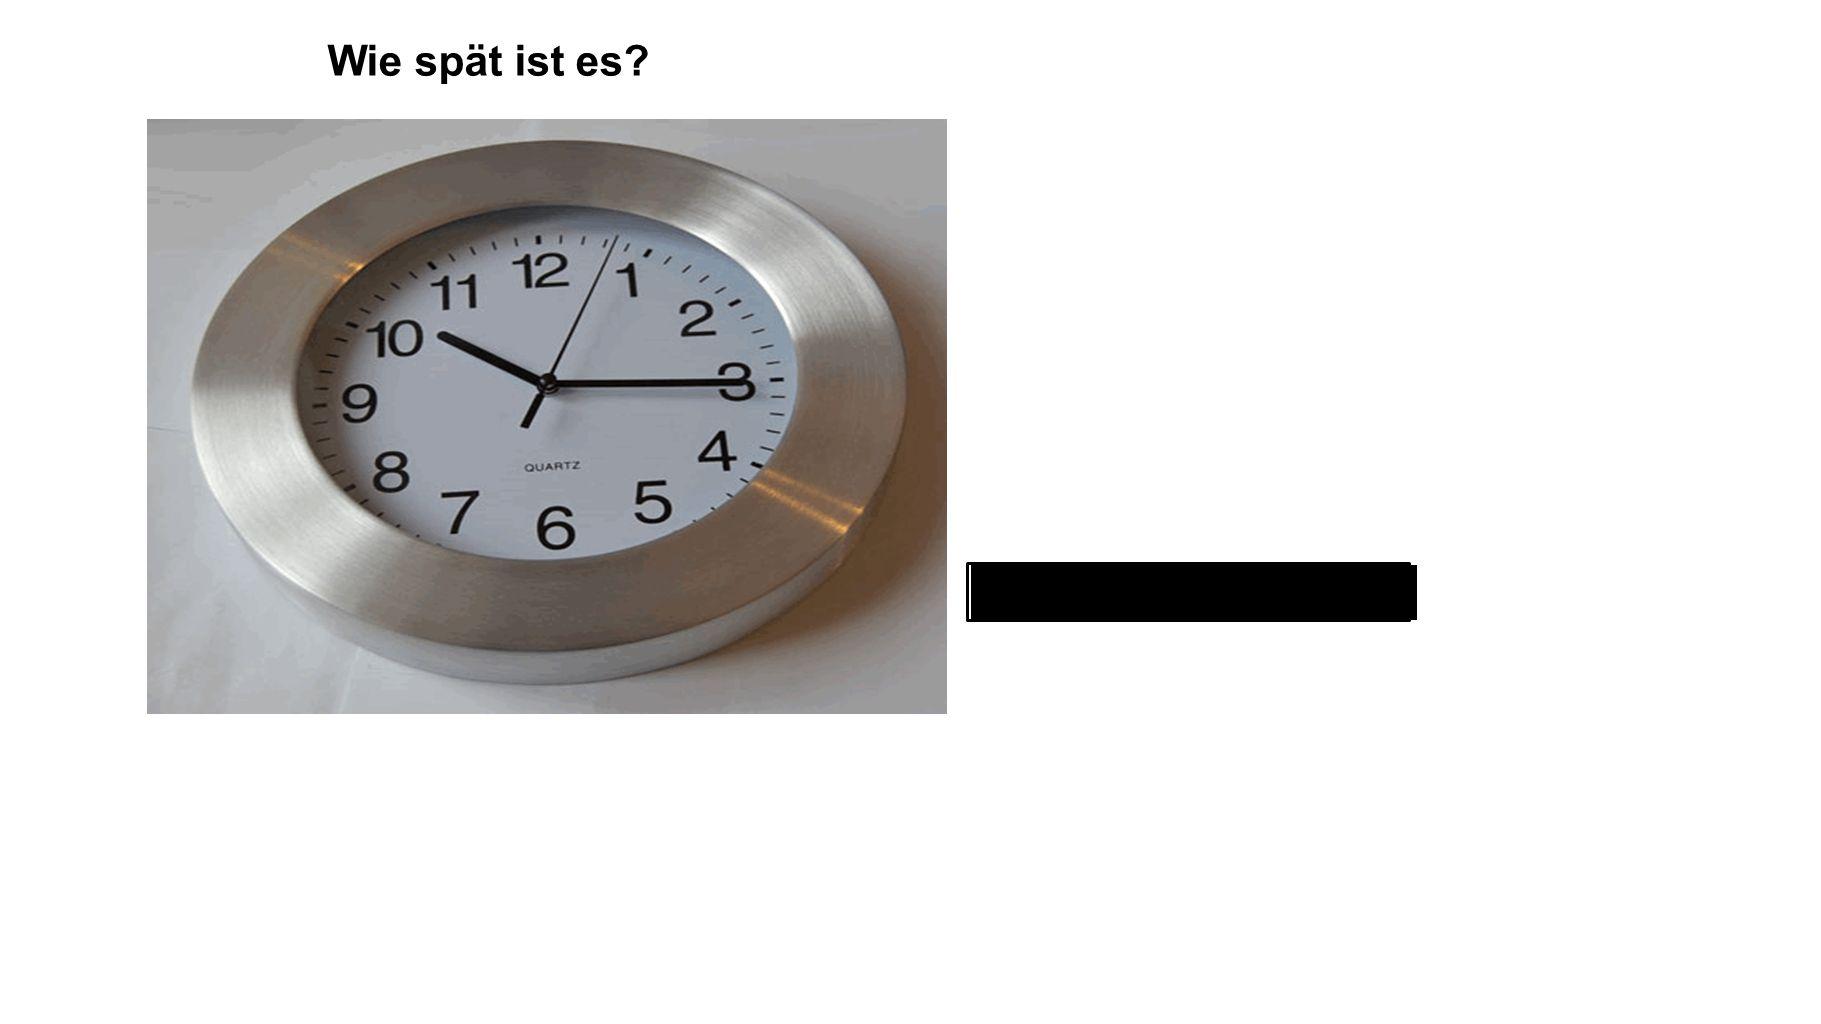 fünfzehn nach zehn Wie spät ist es?